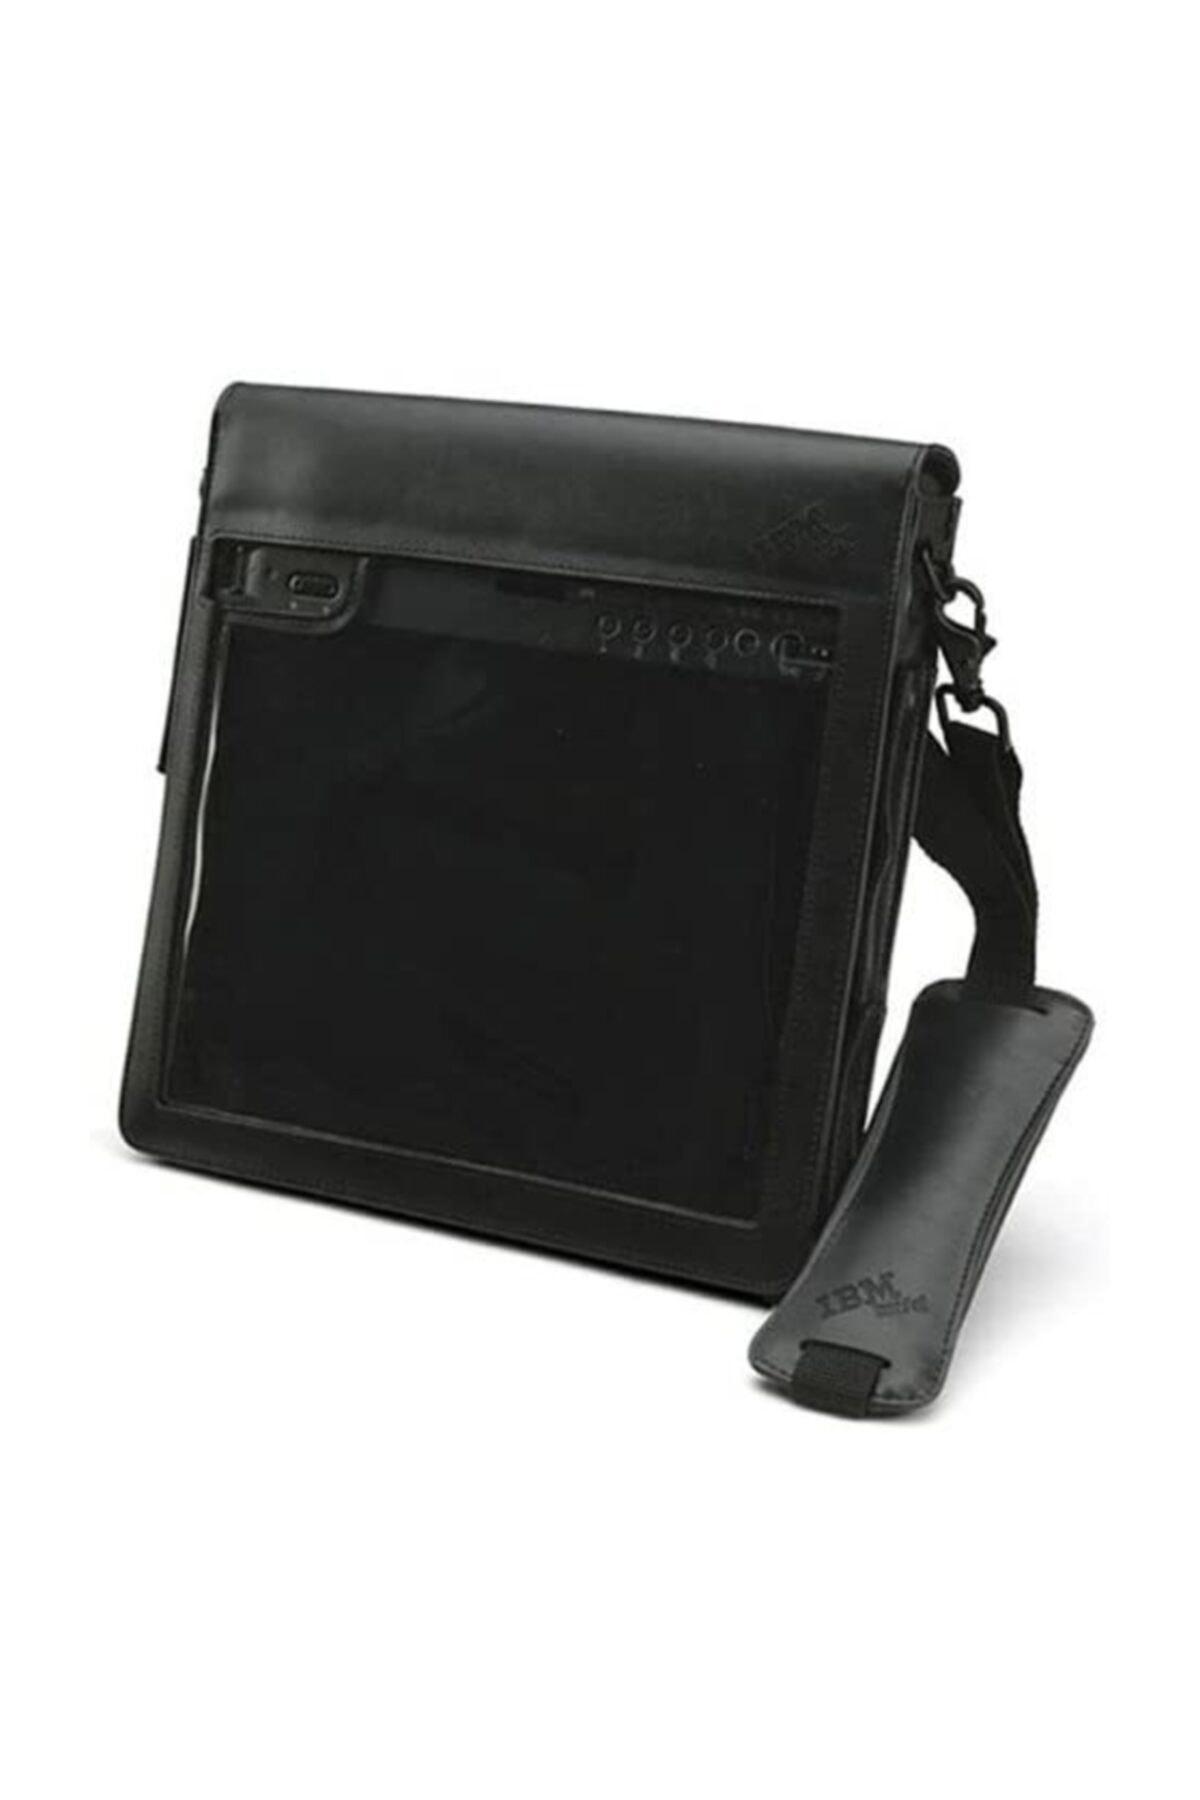 LENOVO Thinkpad X41 Tablet Sleeve - 30r4959 1